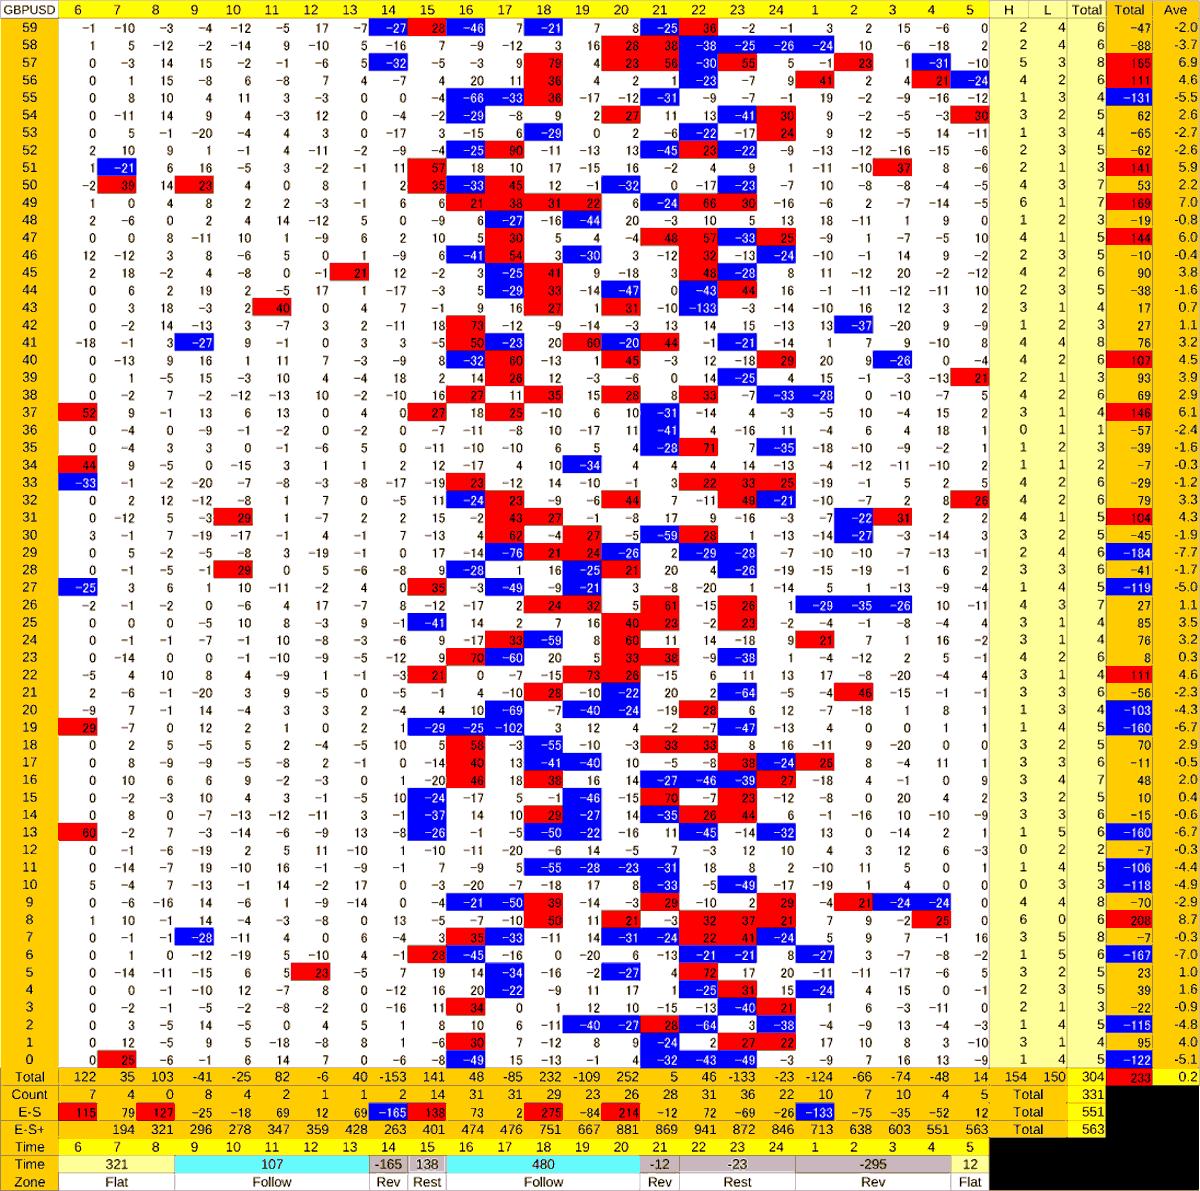 20200805_HS(2)GBPUSD